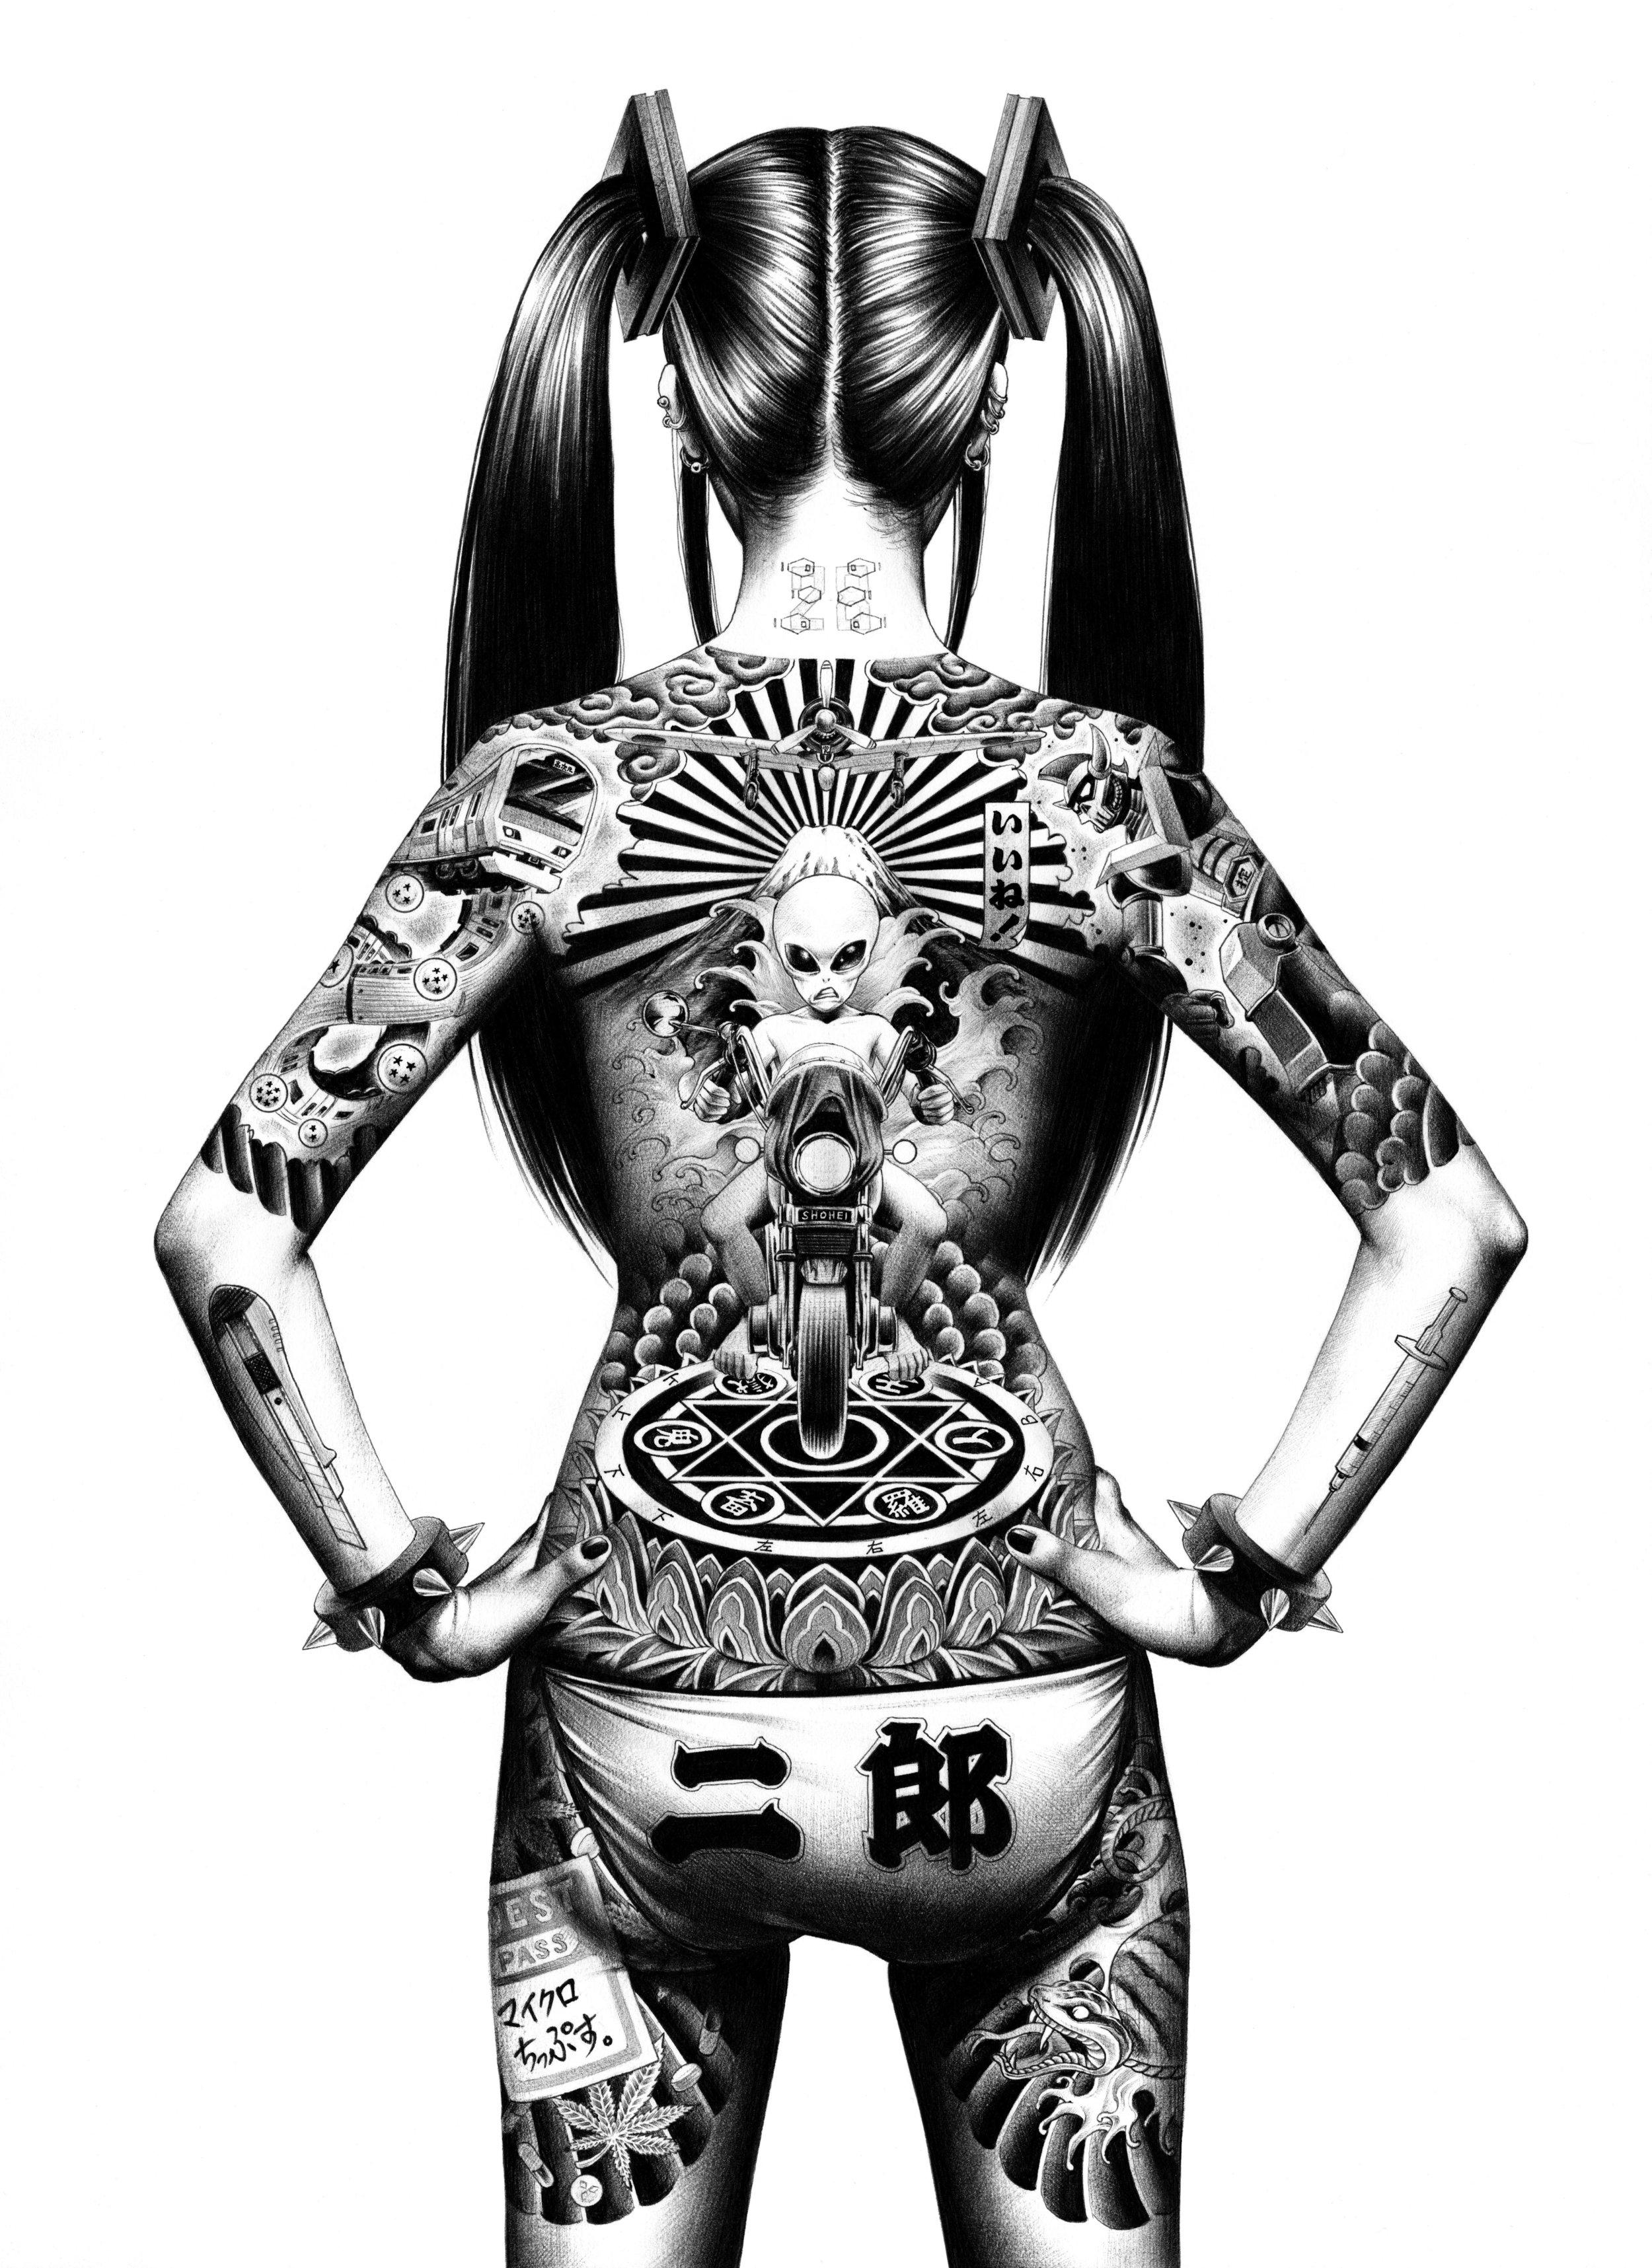 Subculture Girl, Ora Ora by Shohei Otomo